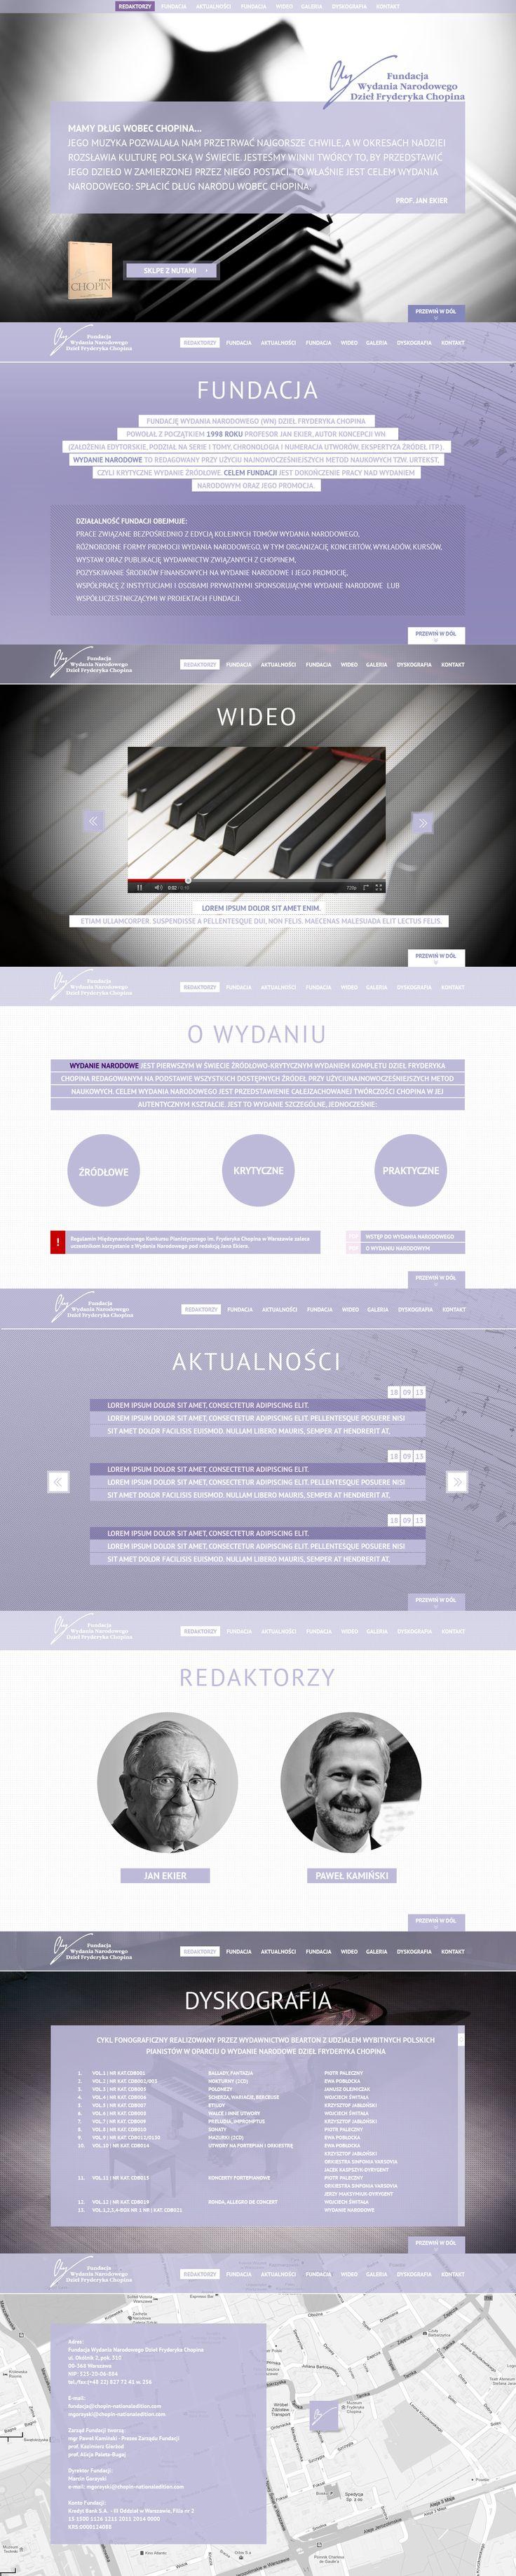 Projekt strony WWW dla Fundacji Wydania Narodowego Dzieł Fryderyka Chopina. Koncepcja.